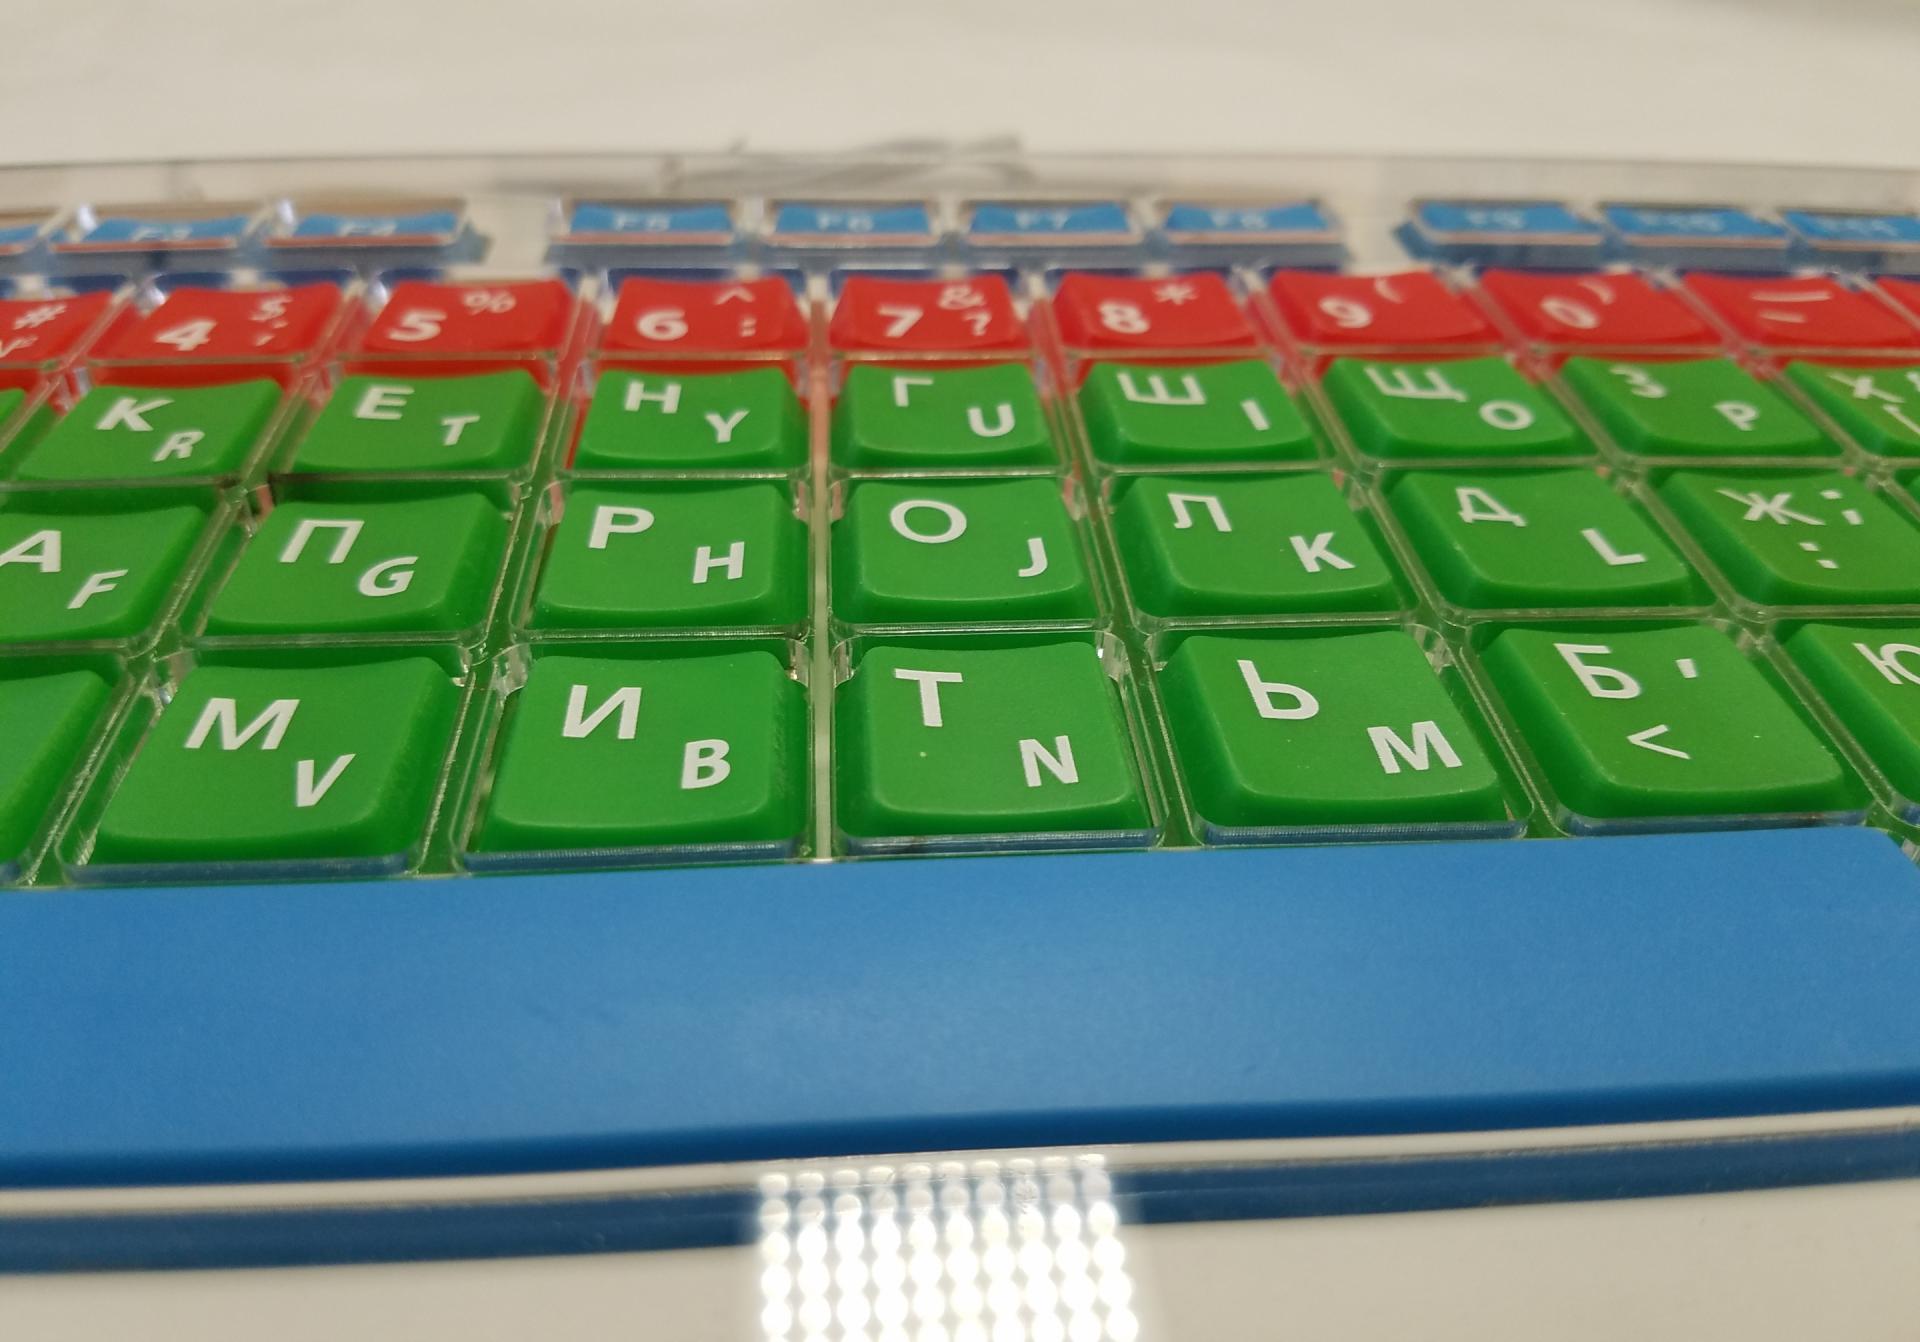 Клавиатура адаптированная с крупными кнопками + пластиковая накладка, разделяющая клавиши